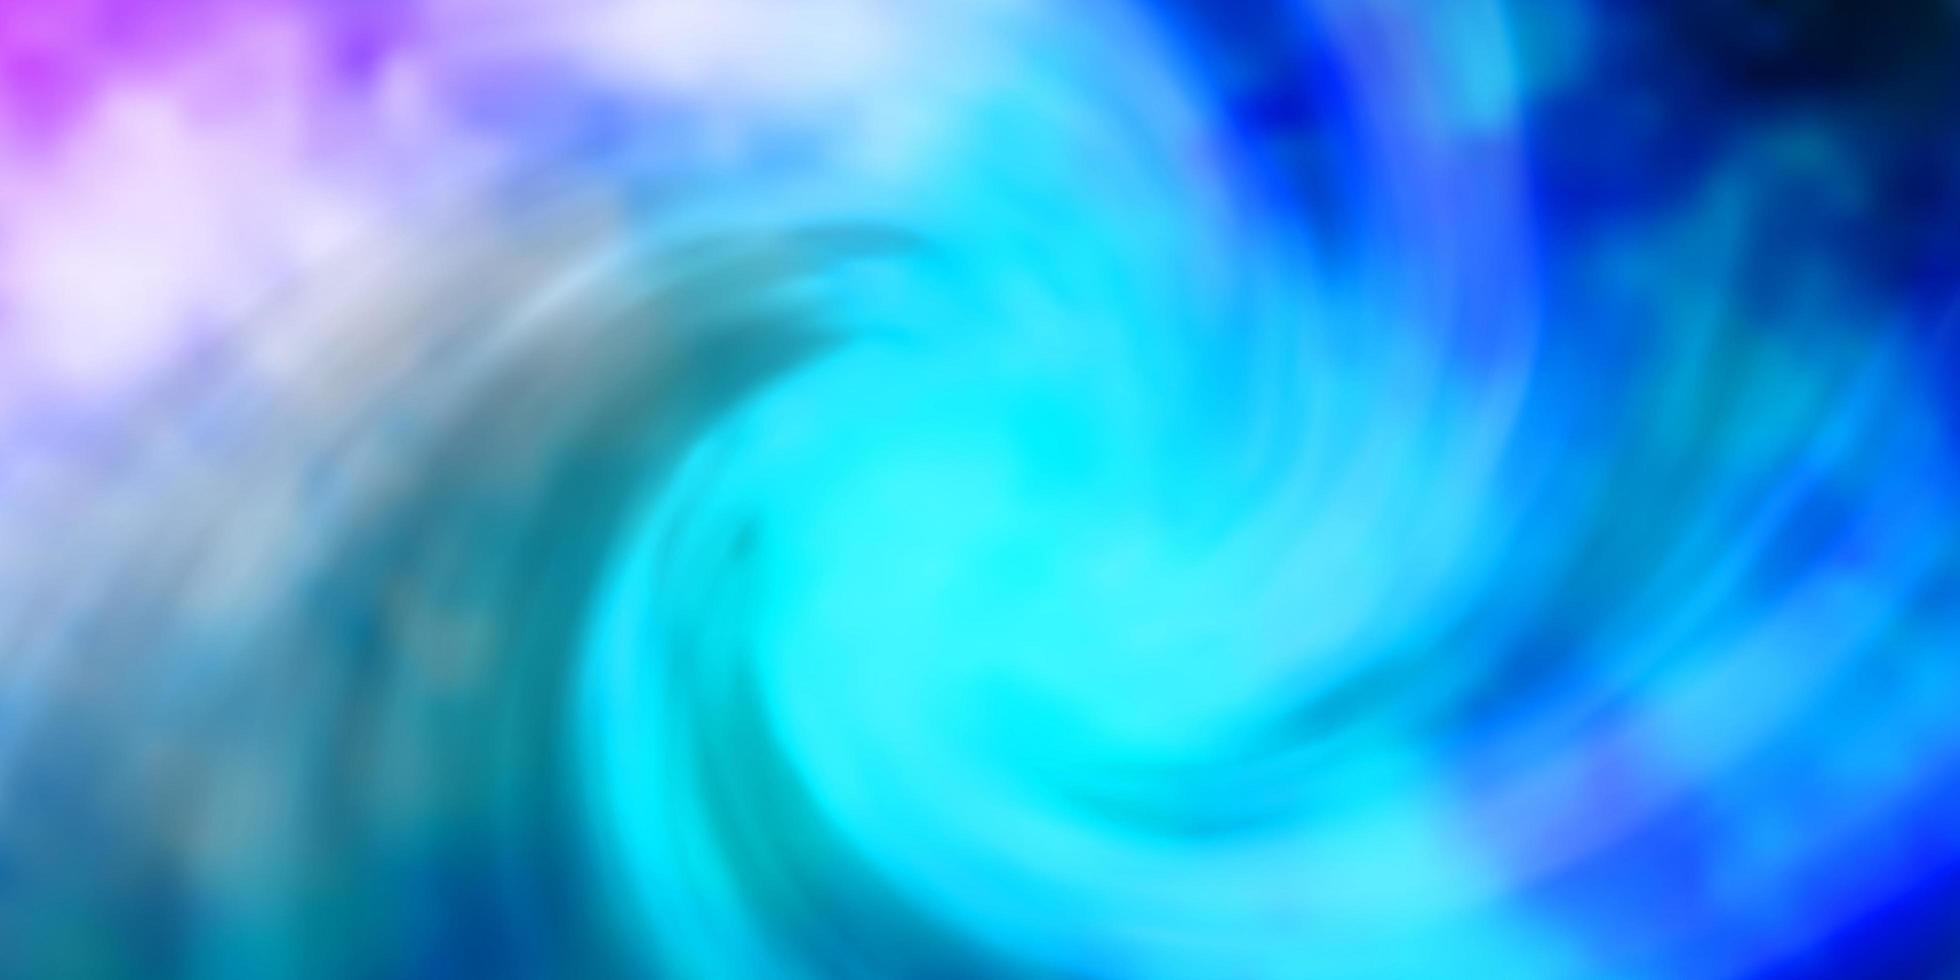 lichtroze, blauw vectorpatroon met wolken. vector